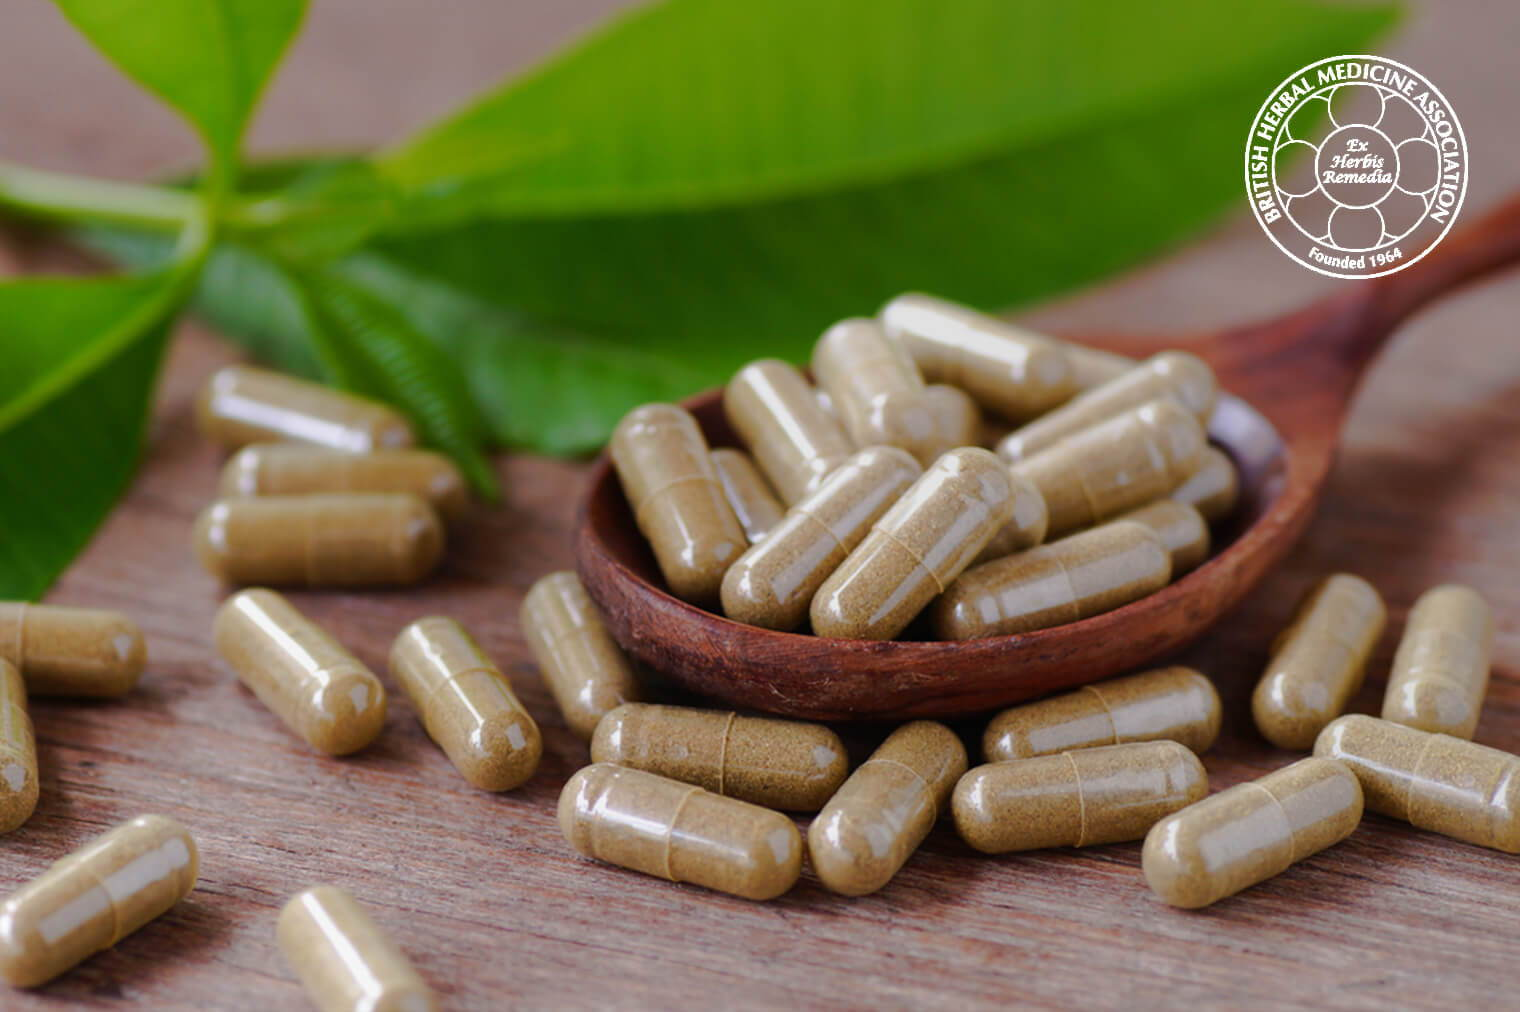 Vitamin Tablets On Spoon